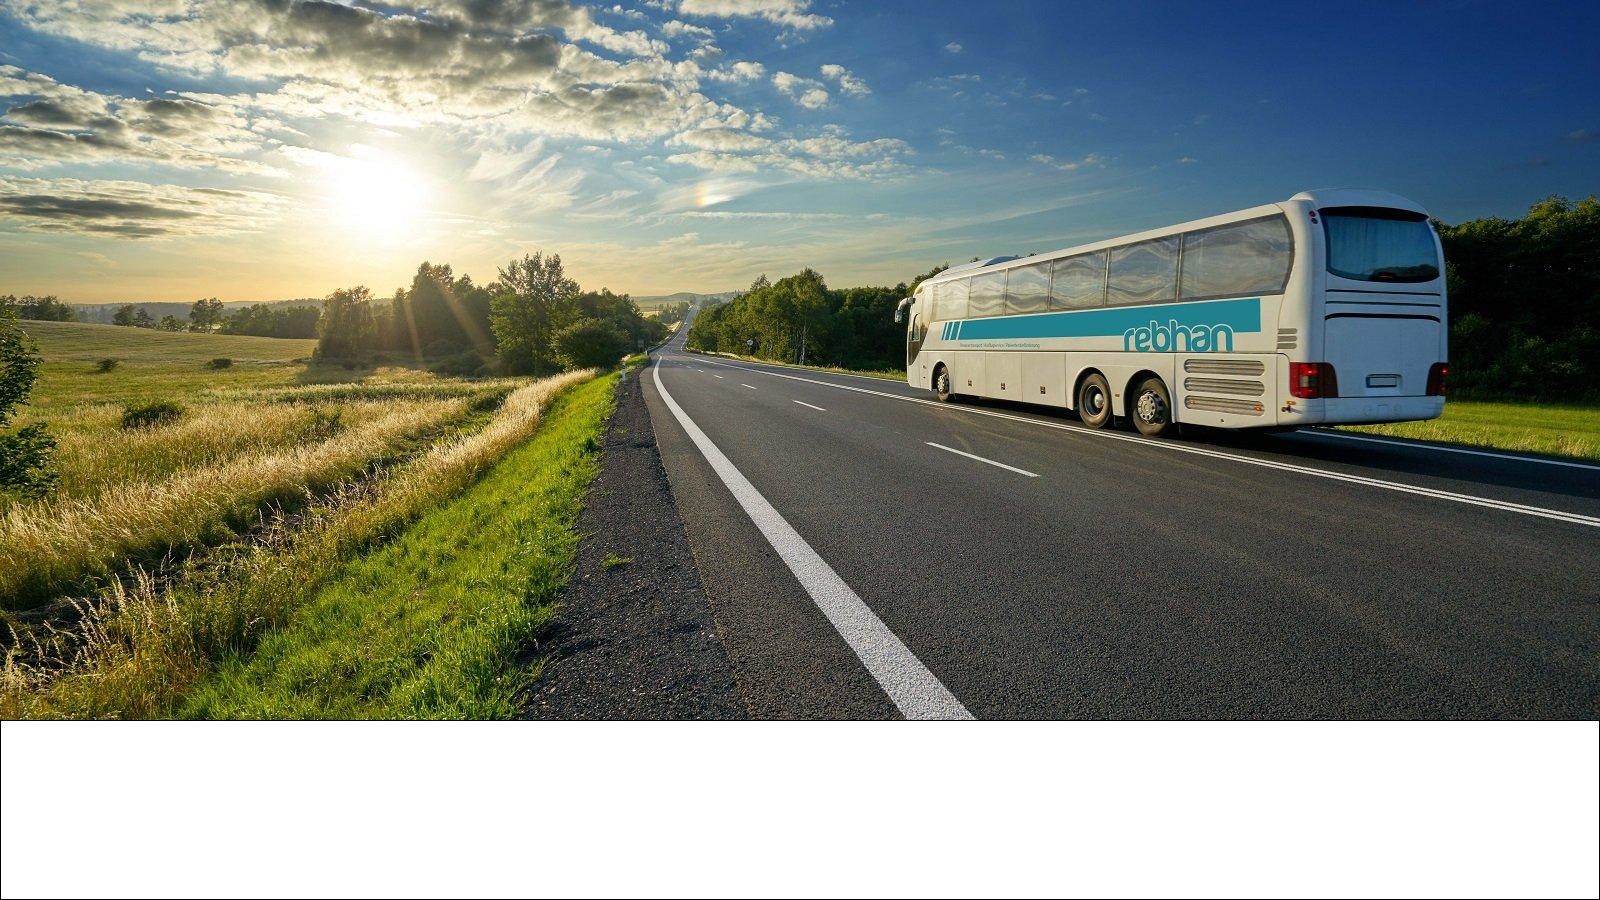 Rebhan Personentransport mit Sicherheit Rebhan 1600x900 gefüllt